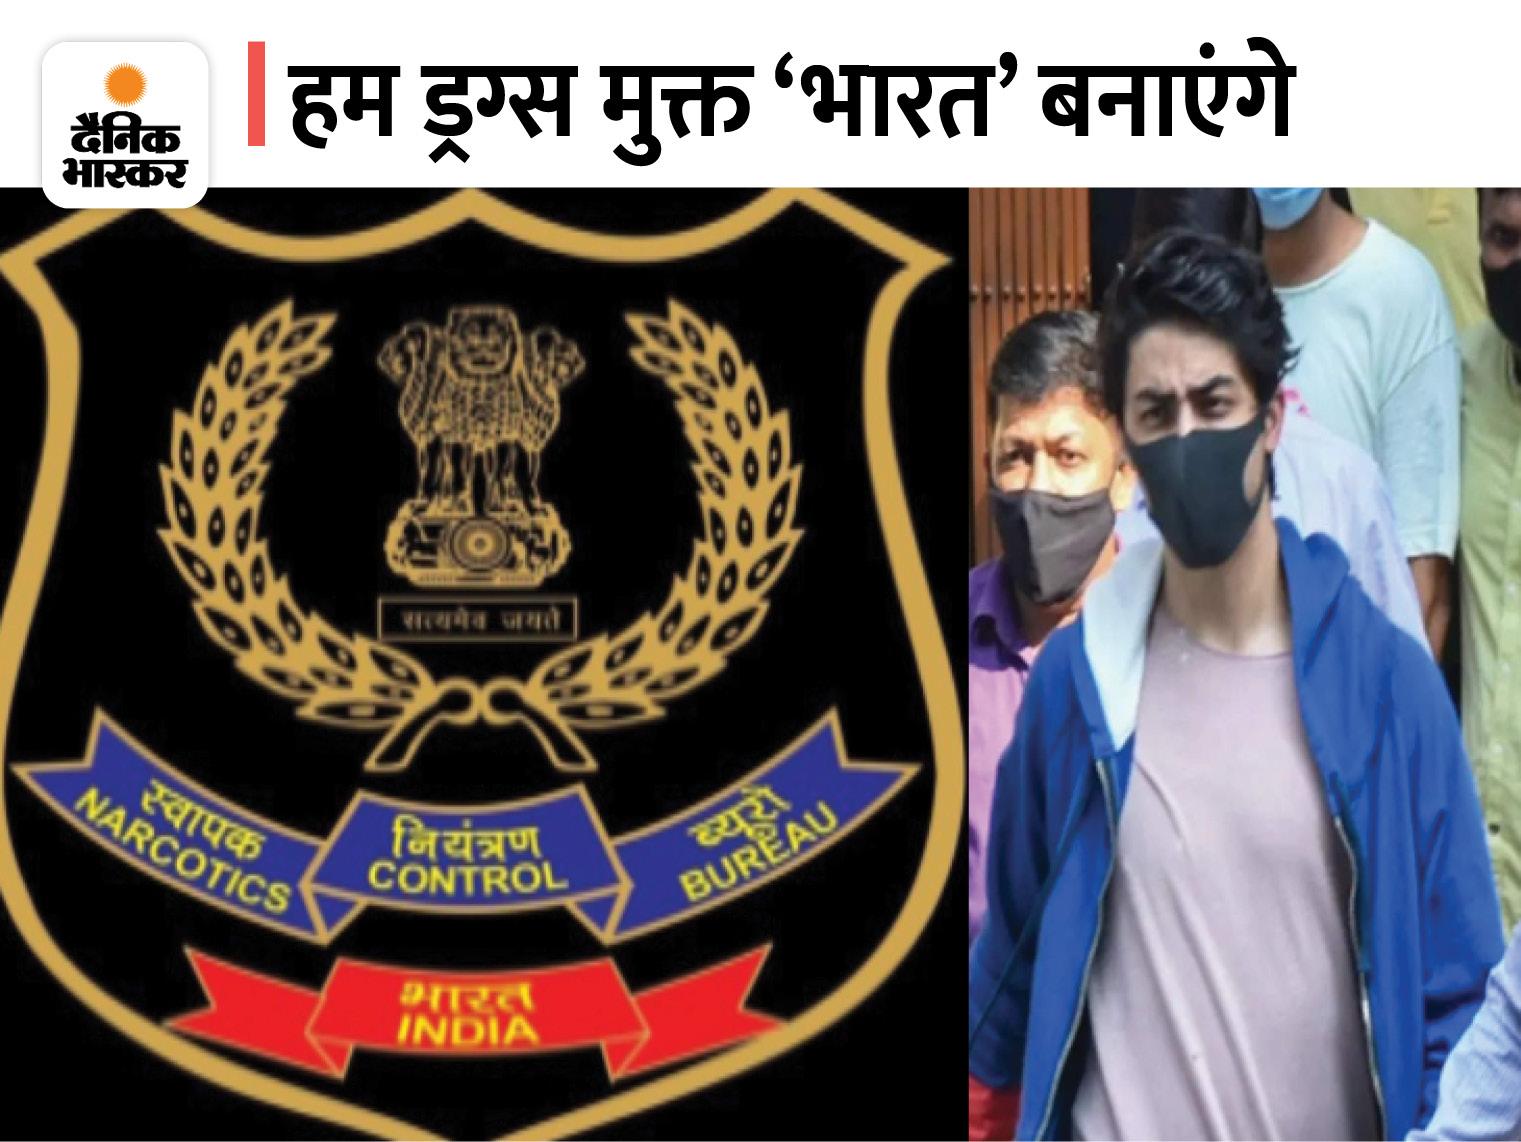 जब लोग हमारी आलोचना कर रहे थे, तब भी हम एक ऑपरेशन में बिजी थे, 1 करोड़ की ड्रग्स पकड़ीं|बॉलीवुड,Bollywood - Dainik Bhaskar